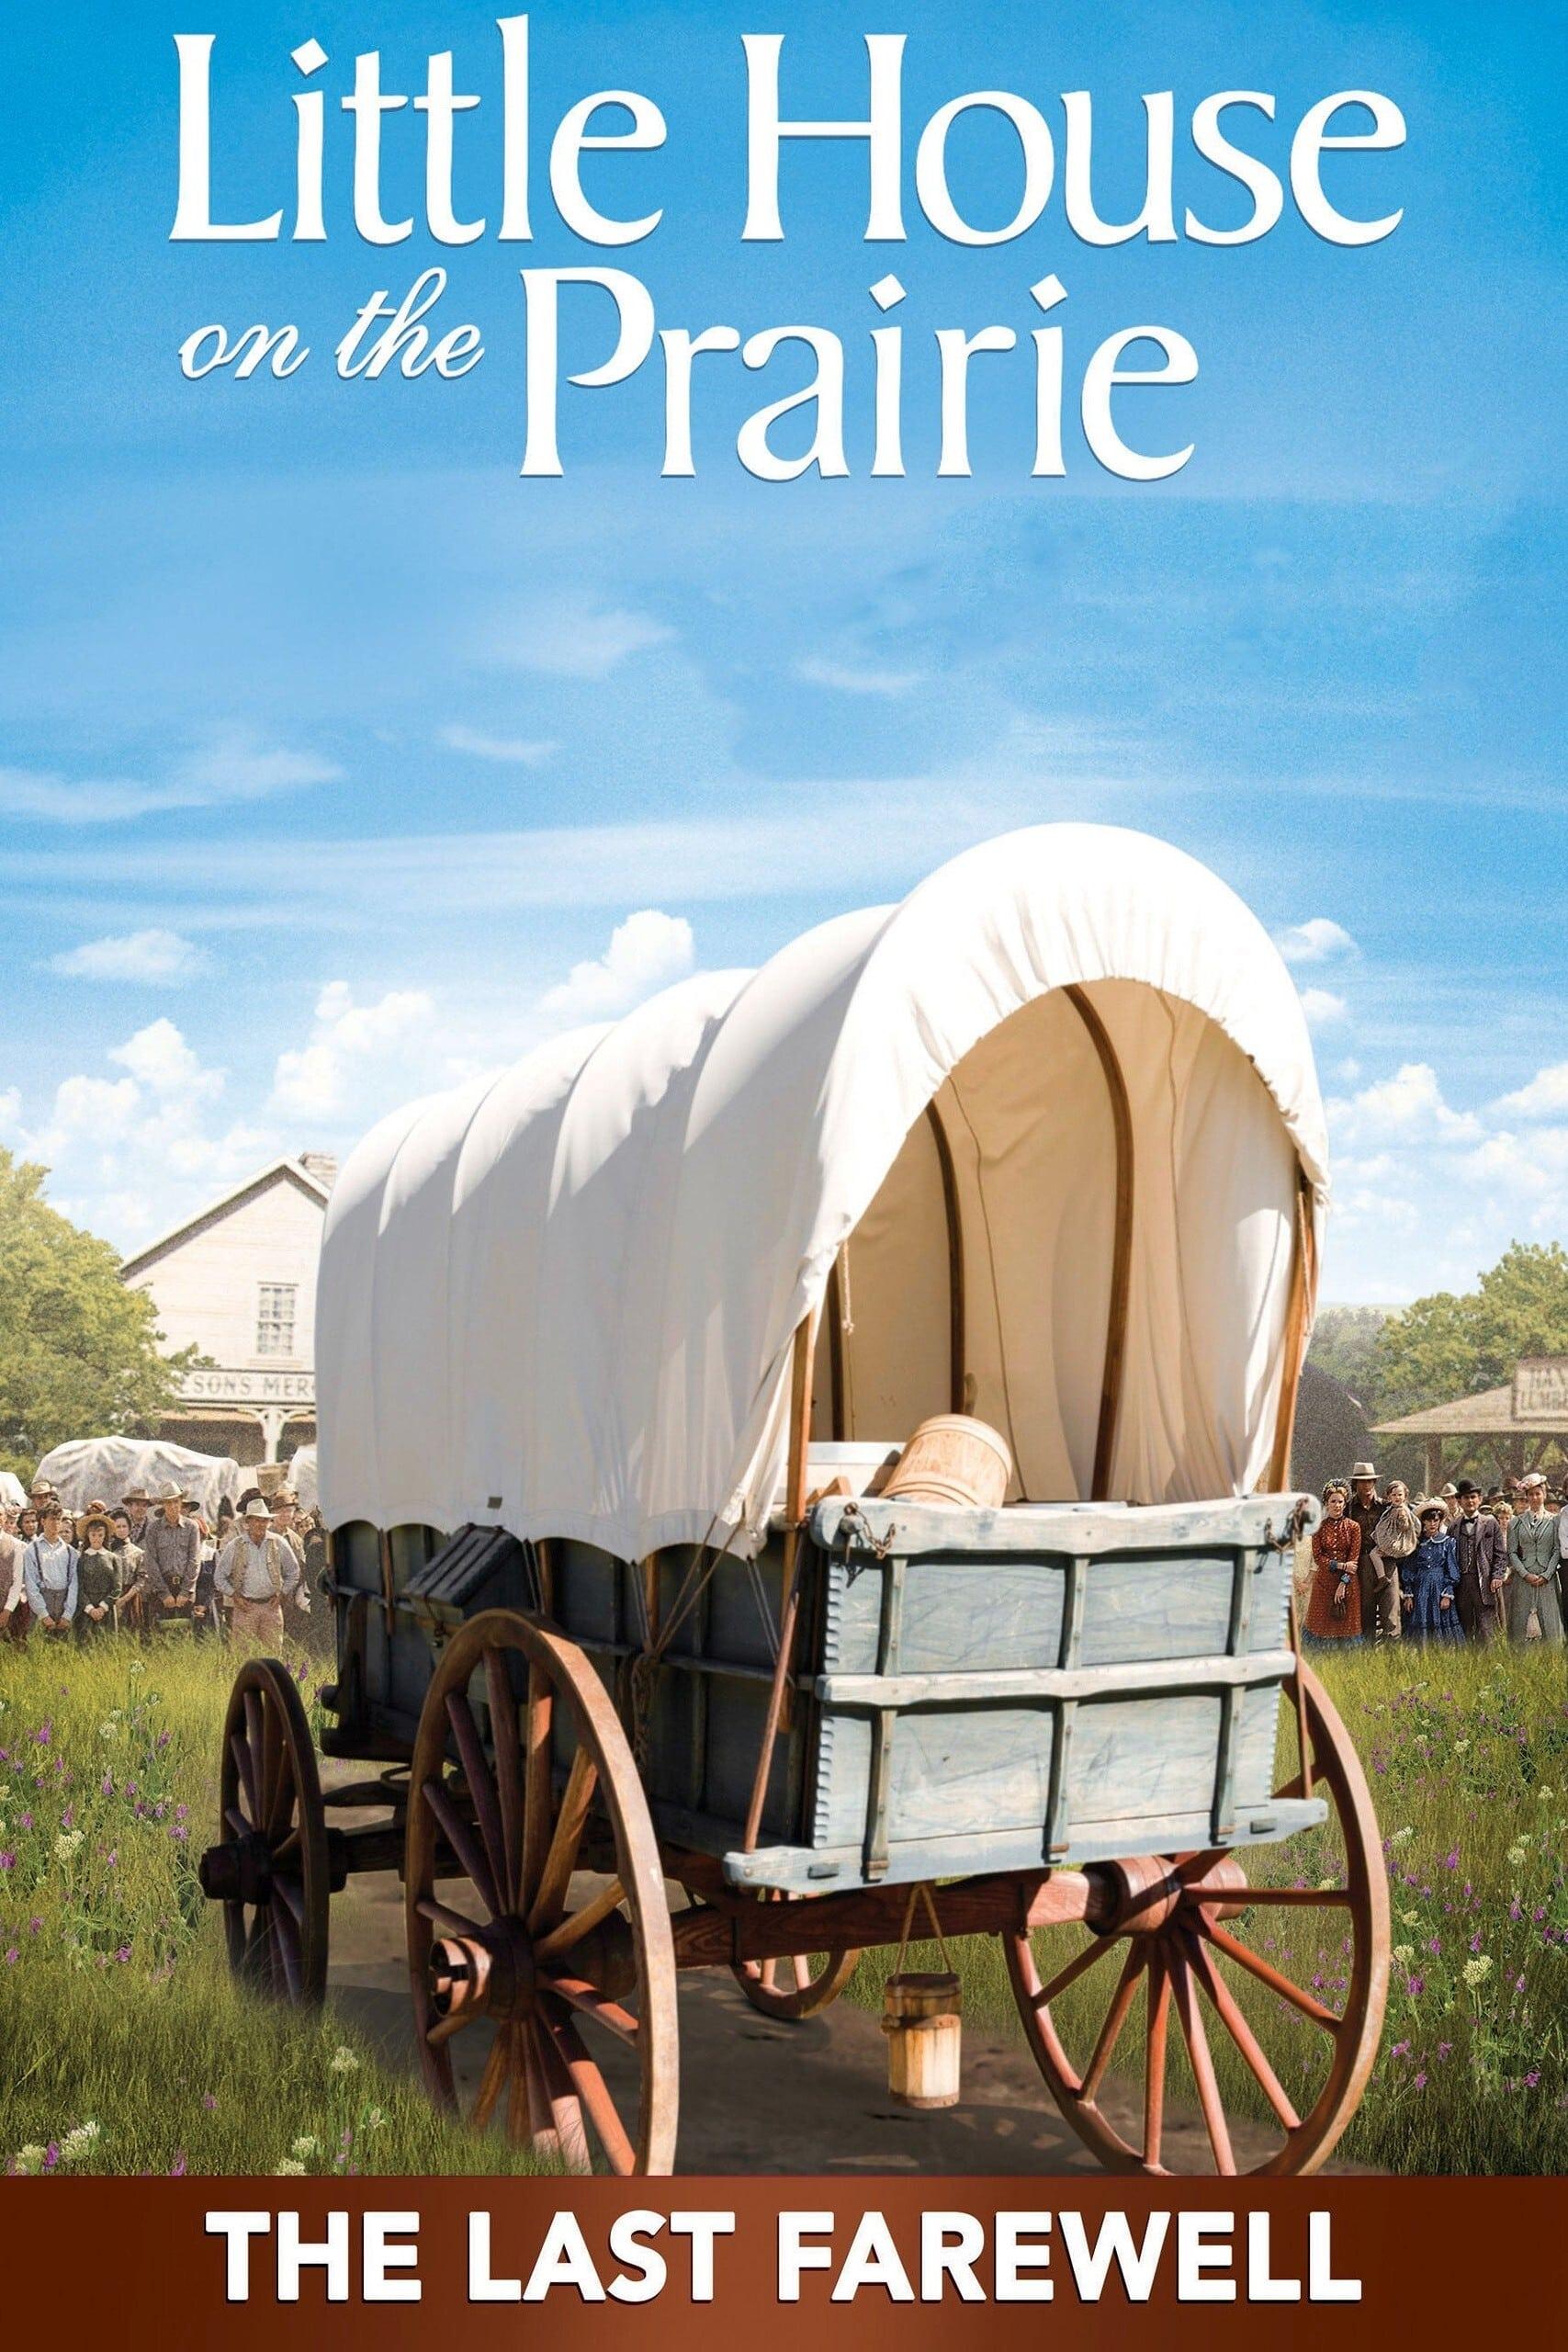 Little House: The Last Farewell